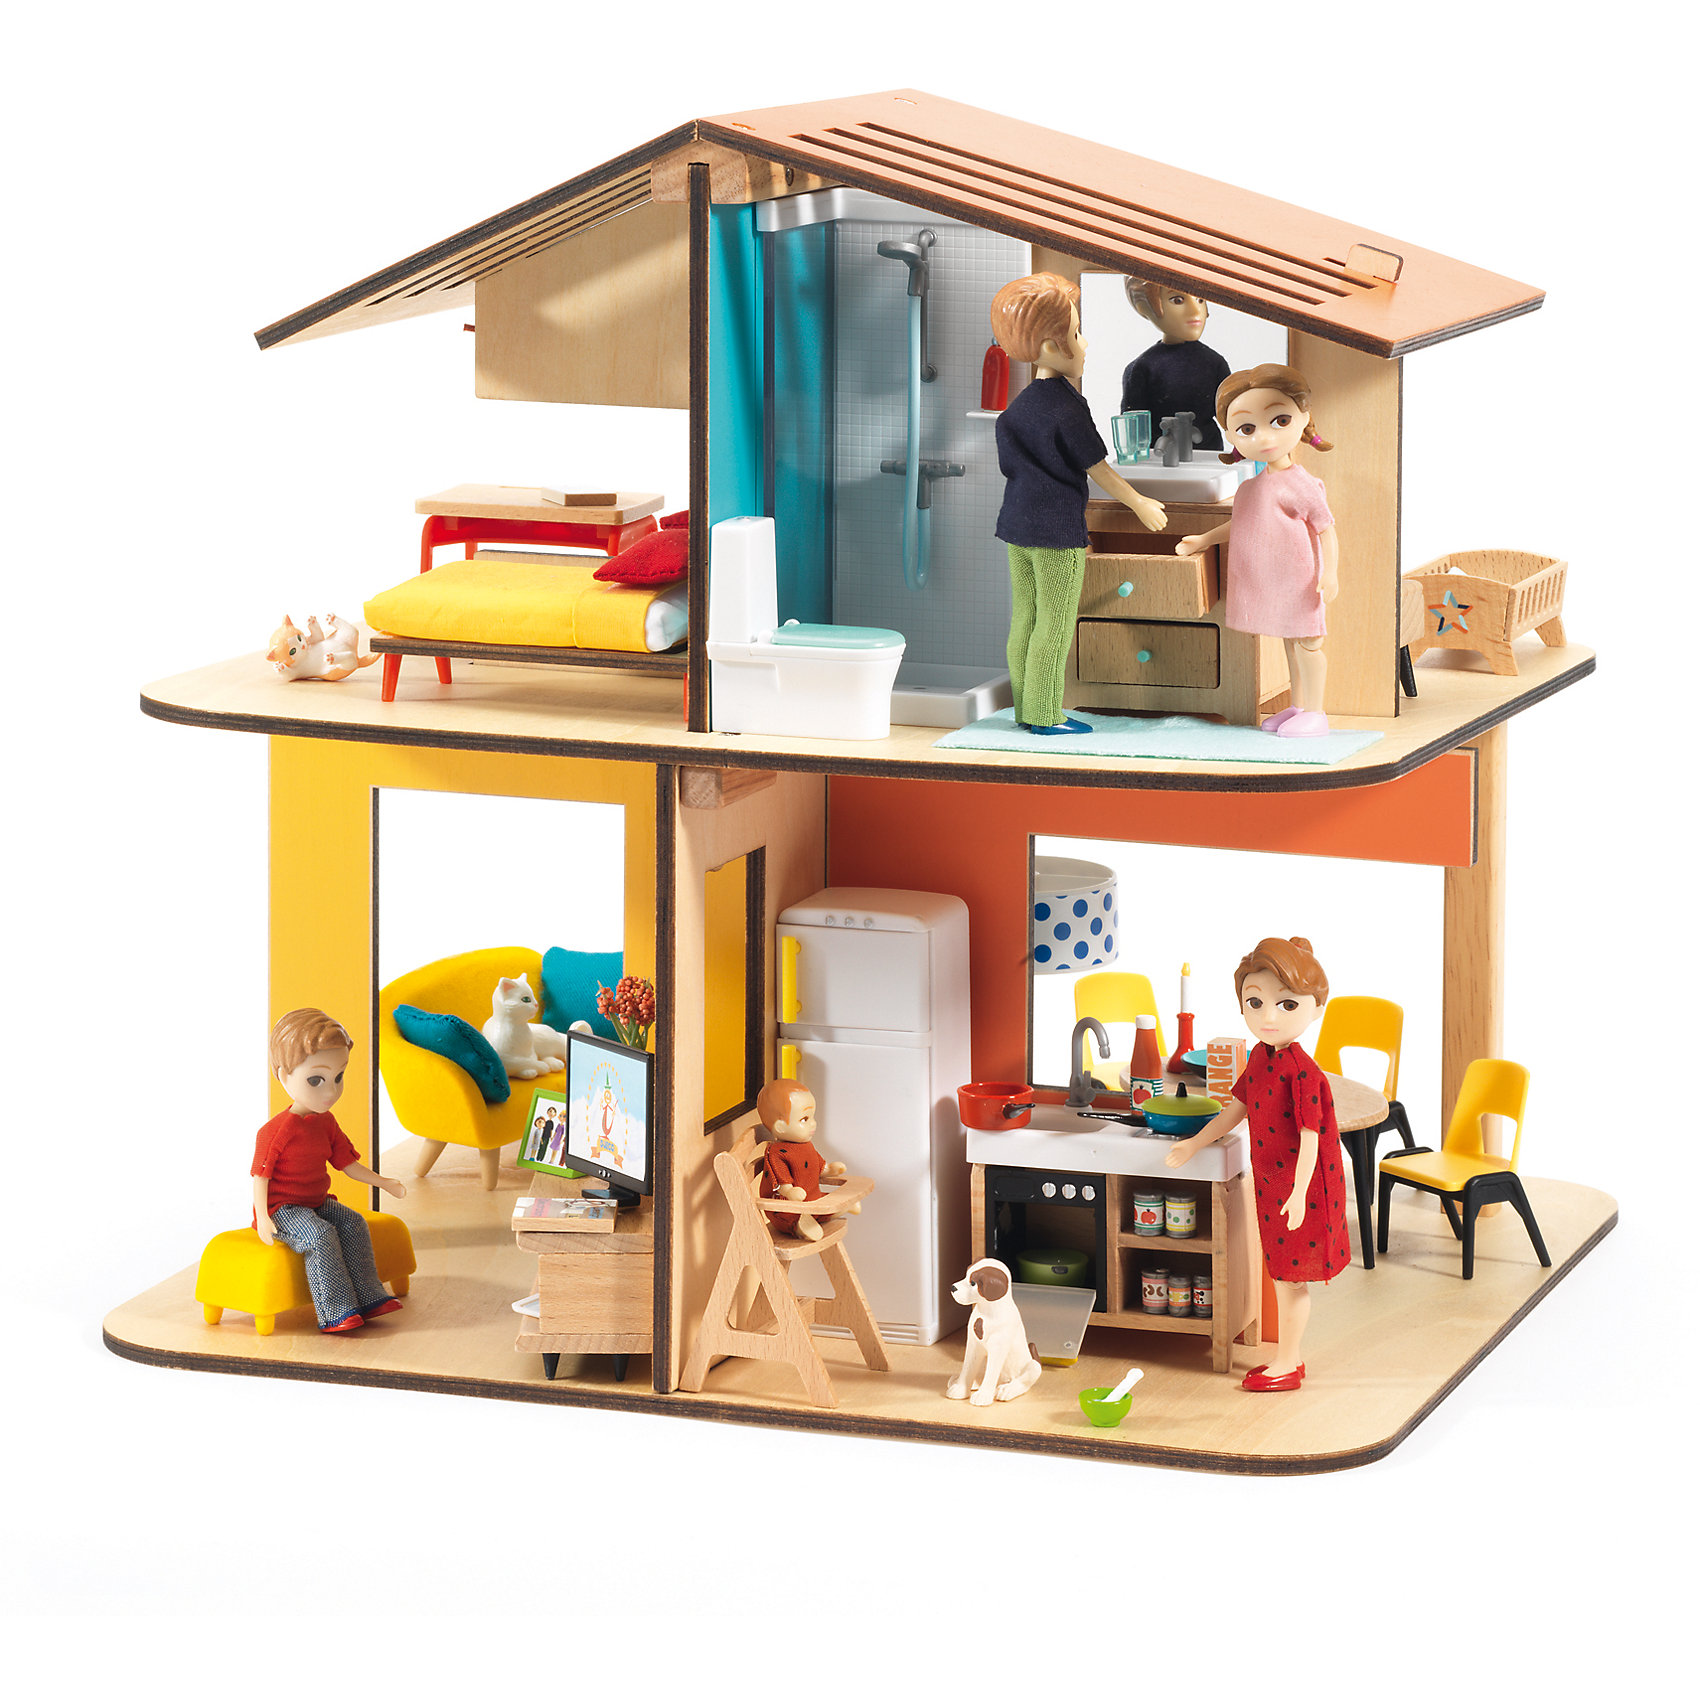 Современный дом для кукол, DJECOИгрушечные домики и замки<br>Современный дом для кукол, DJECO (ДЖЕКО).<br><br>Характеристики:<br><br>- Размер домика в собранном виде: 33,5x31,5x32 см.<br>- Внимание! В набор входят только детали для сборки домика. Фигурки приобретаются отдельно<br>- Материал: древесина, пластик<br>- Набор продается в яркой подарочной коробке<br>- Размер упаковки: 35х33х5 см.<br><br>Современный дом для кукол от французского производителя развивающих игрушек Djeco (Джеко) станет прекрасной основой для увлекательных сюжетных игр с куклами. Набор представляет собой конструктор из нескольких деталей. С помощью деталей ребенок сможет собрать двухэтажный кукольный дом, который содержит несколько комнаток. В комнатах ребенок будет самостоятельно придумывать интерьер, и создавать различные игровые ситуации. В процессе такой игры у ребенка будет прекрасно развиваться фантазия и воображение, усидчивость и внимание к деталям. Ребенок сможет в игровой форме попробовать различные социальные роли. Французская компания Джеко производит развивающие игрушки и игры для детей, а также наборы для творчества и детали интерьера детской комнаты. Все товары Джеко отличаются высочайшим качеством, необычной идеей исполнения. Изображения и дизайн специально разрабатываются молодыми французскими художниками.<br><br>Современный дом для кукол, DJECO (ДЖЕКО) можно купить в нашем интернет-магазине.<br><br>Ширина мм: 335<br>Глубина мм: 315<br>Высота мм: 320<br>Вес г: 1000<br>Возраст от месяцев: 48<br>Возраст до месяцев: 2147483647<br>Пол: Женский<br>Возраст: Детский<br>SKU: 5299147